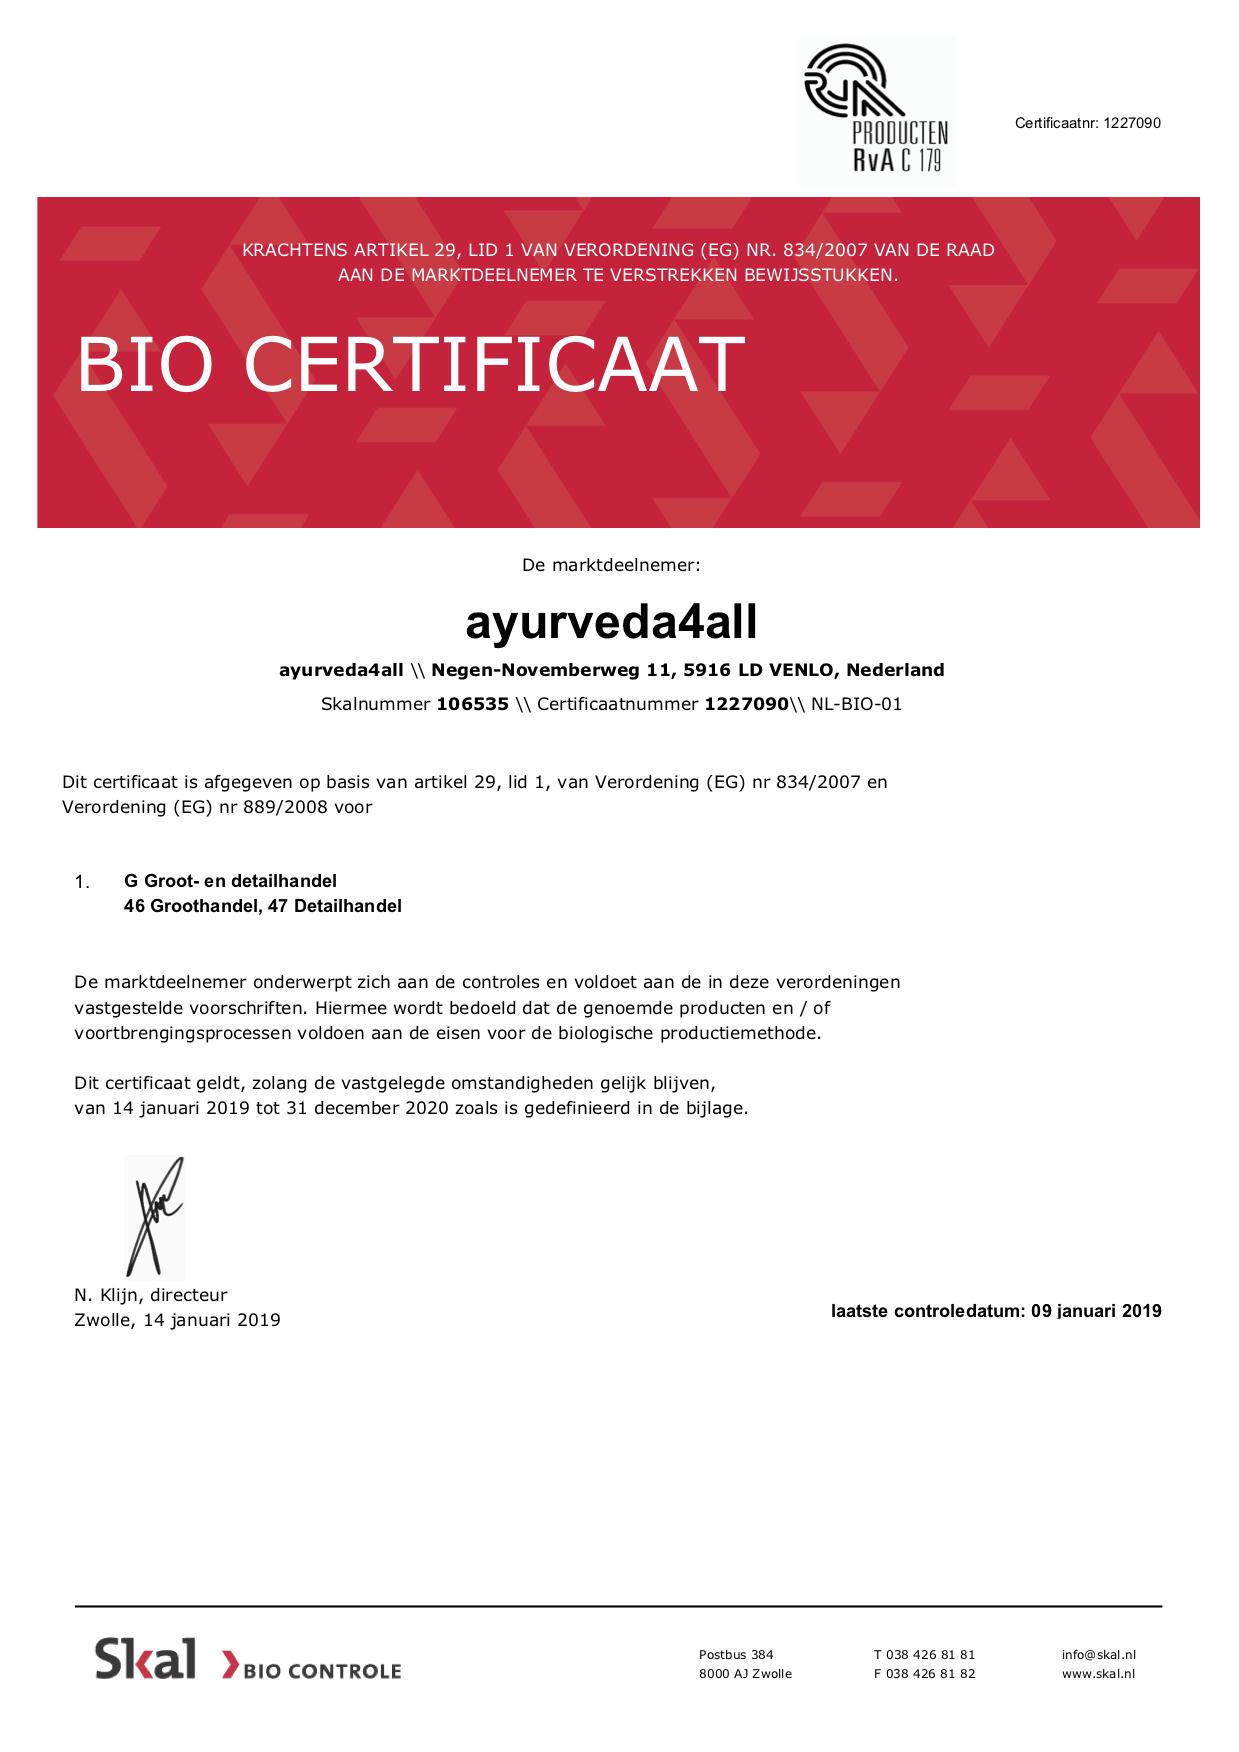 Bio certificaat, groot- en detailhandel